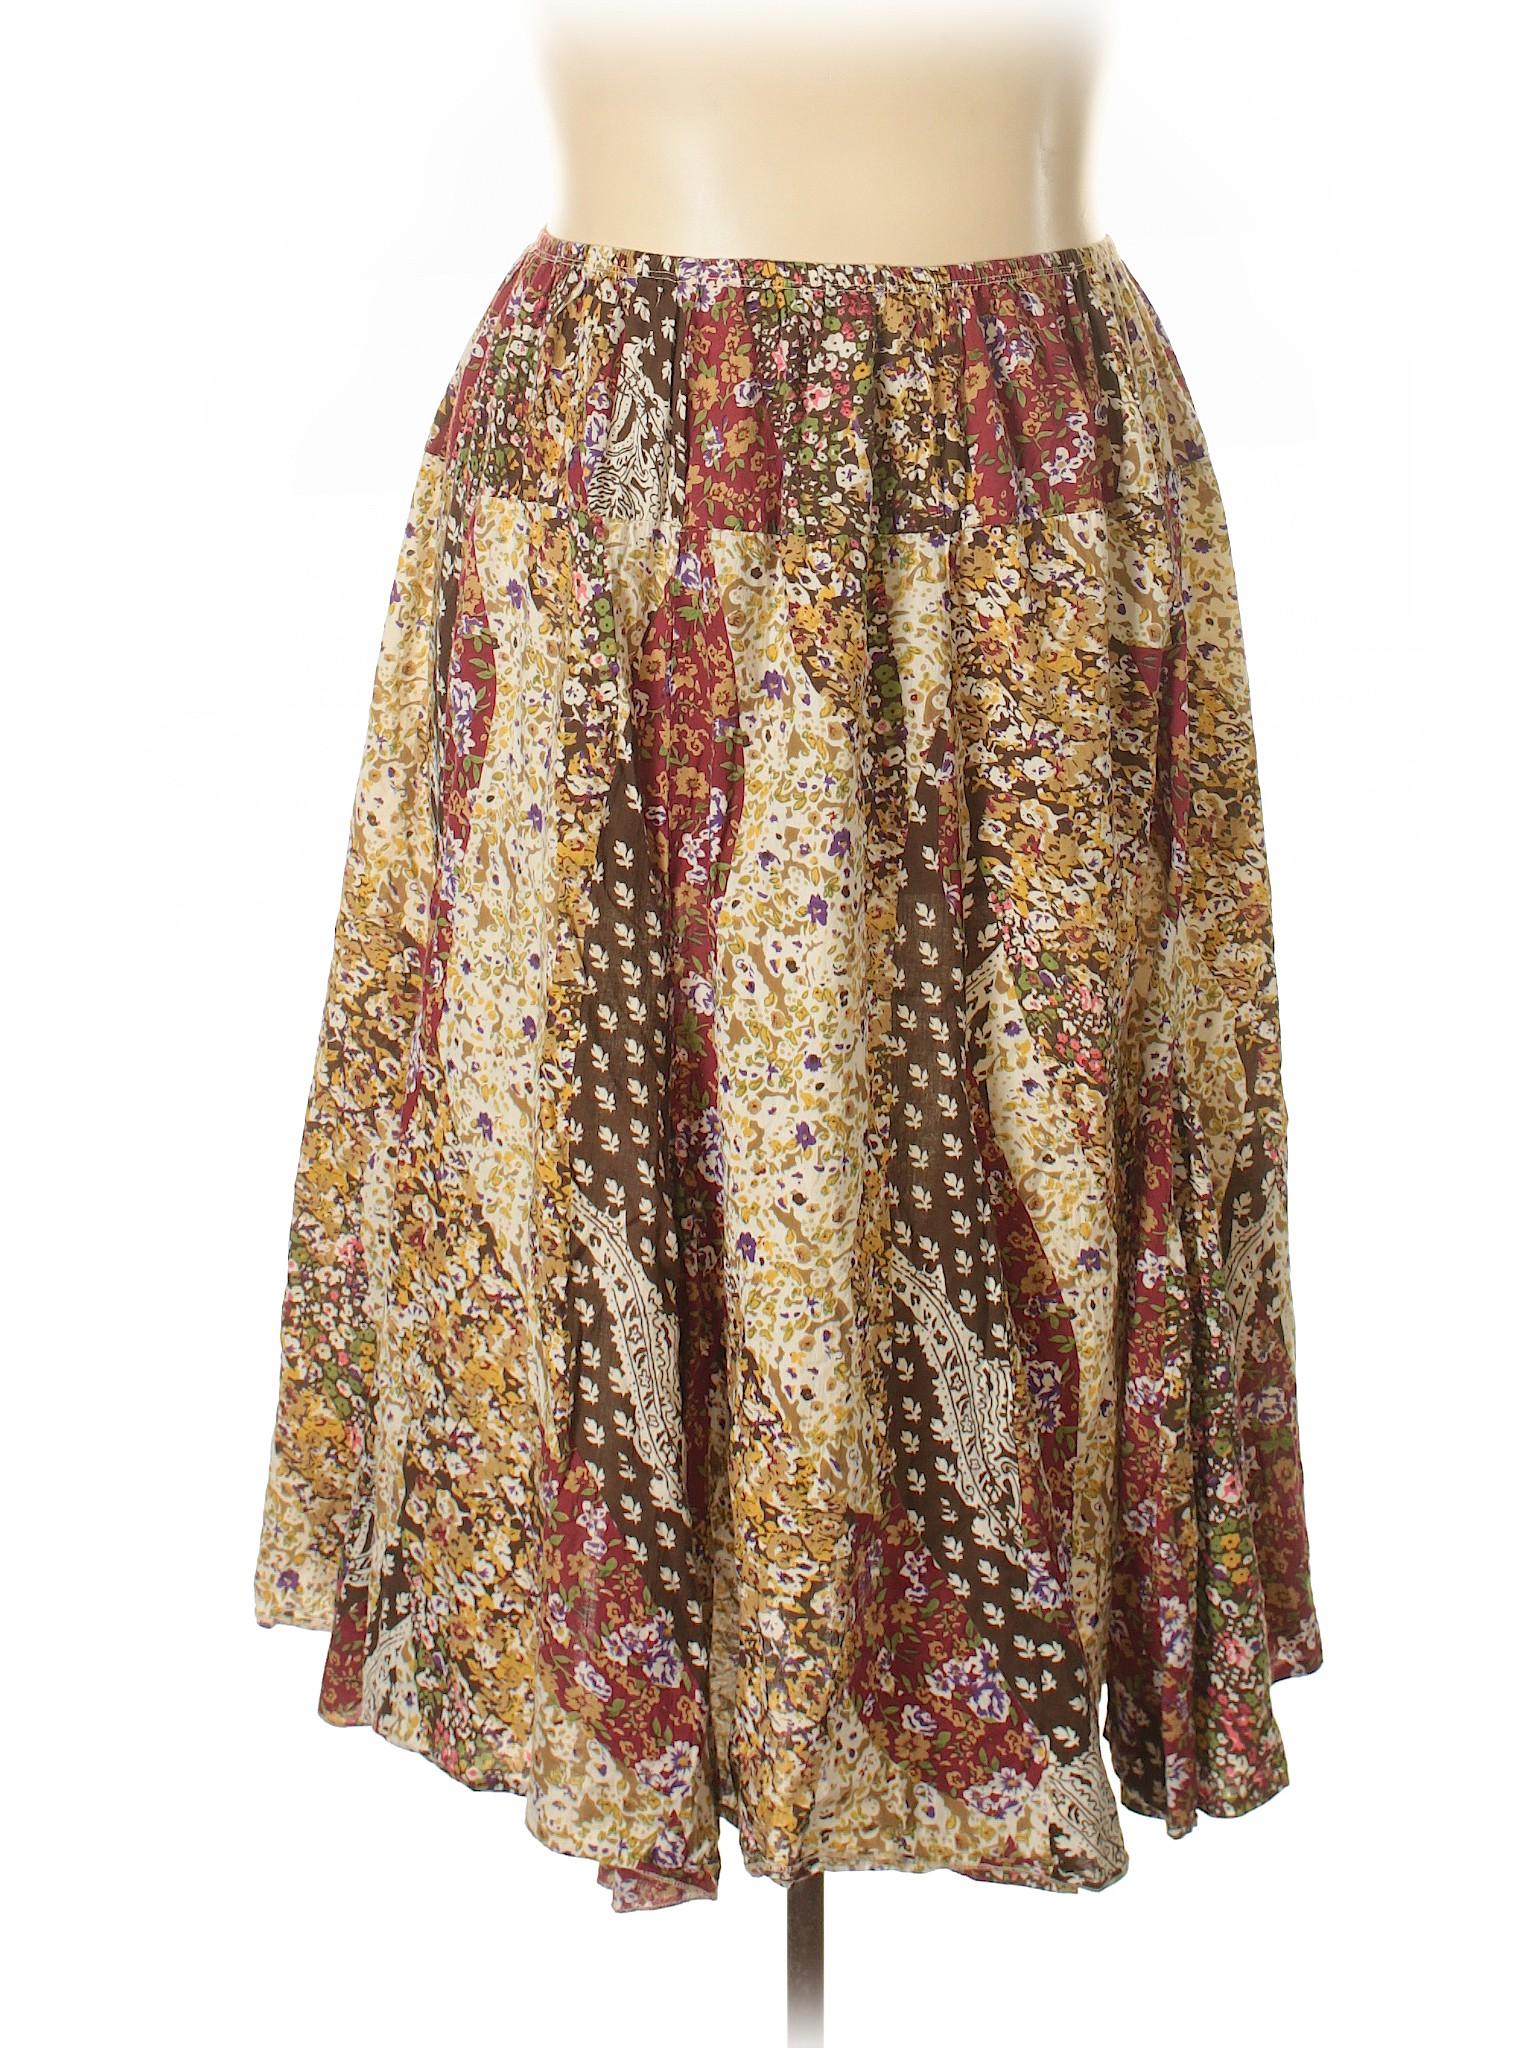 Boutique Skirt Boutique Boutique Boutique Casual Casual Skirt Skirt Boutique Casual Casual Skirt Casual IwRRdqB